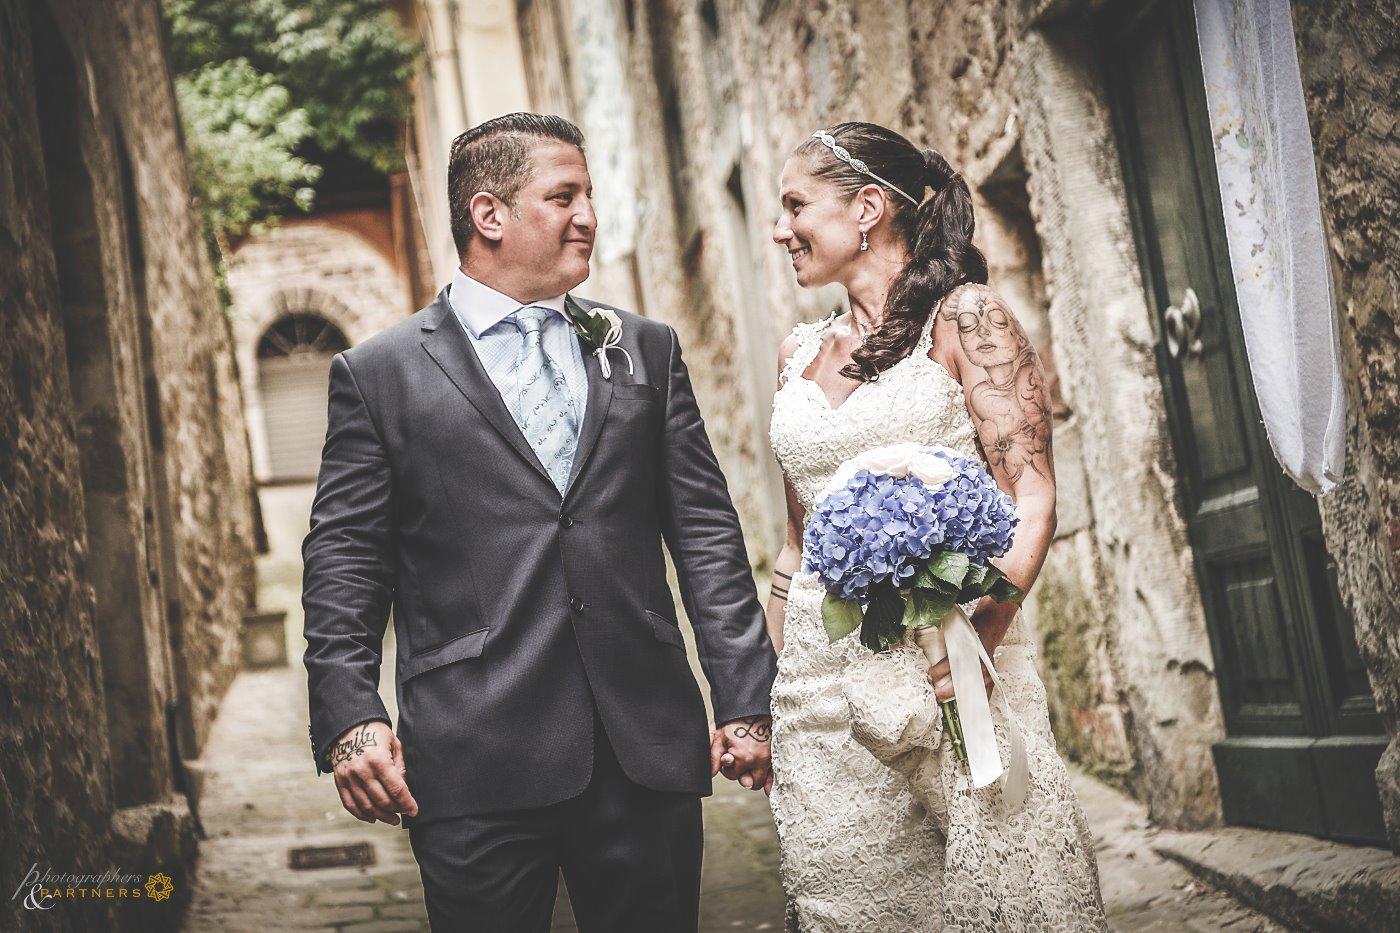 photography_weddings_cortona_15.jpg